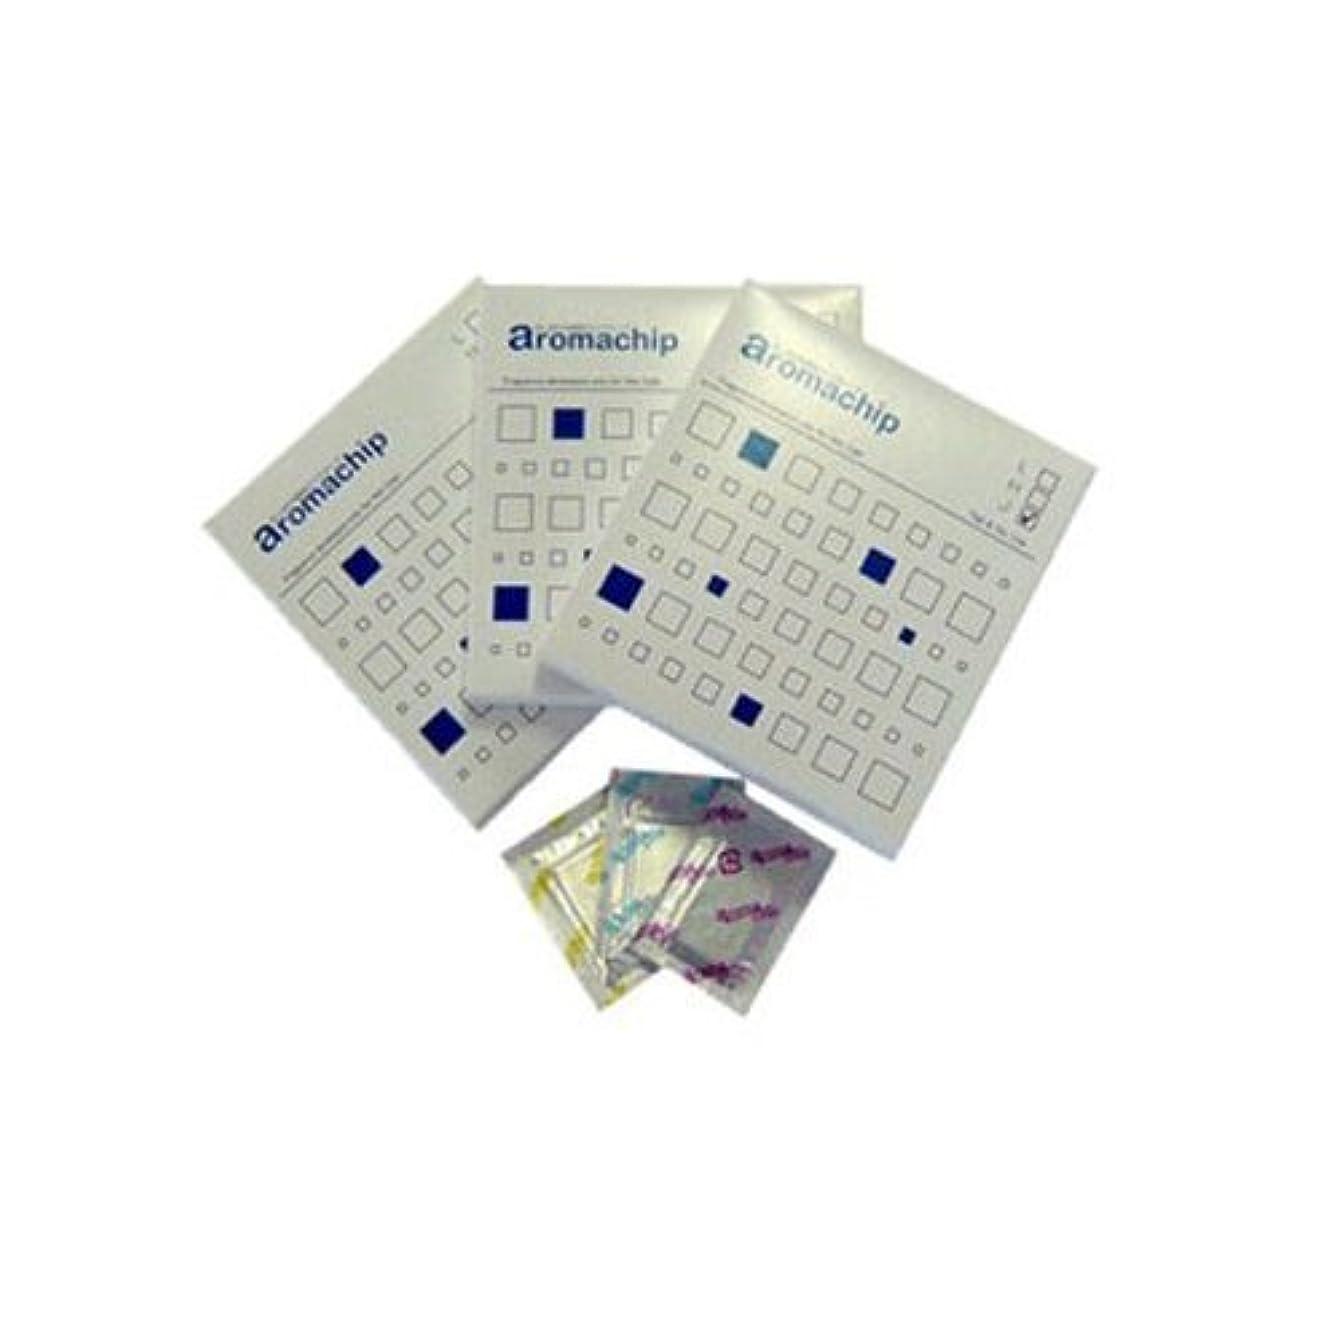 損失モニター住むタイジ  アロマチップ ジャスミン (小箱30個入)タオル蒸し器用芳香剤